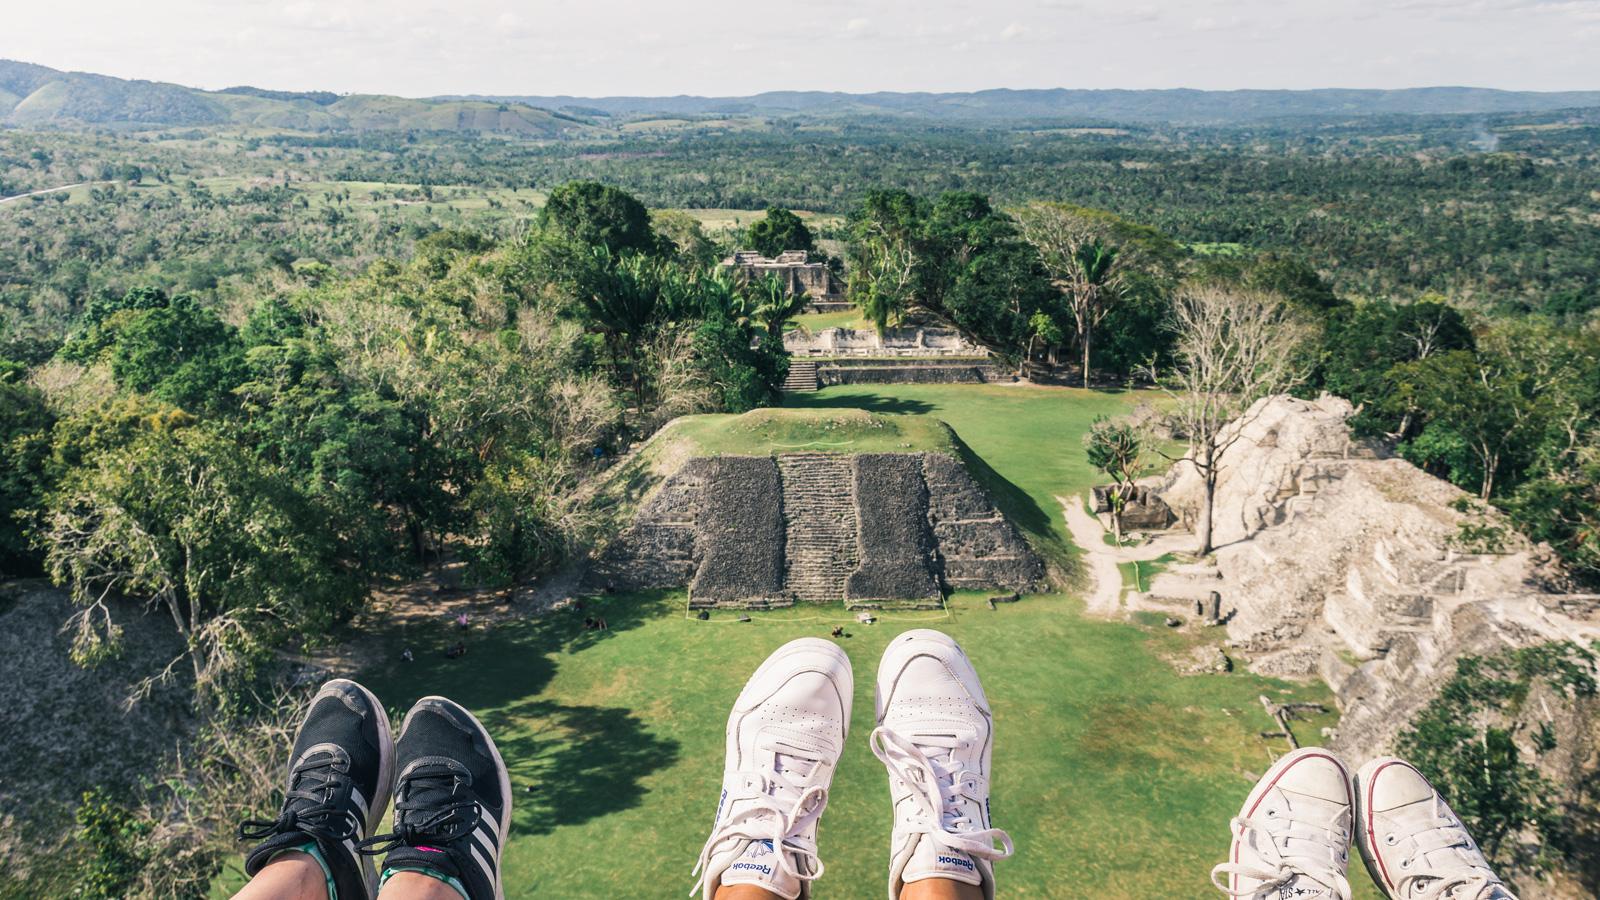 Mexiko, Belize & Guatemala - preiswert reisen Gruppenreise für junge Leute traveljunkies